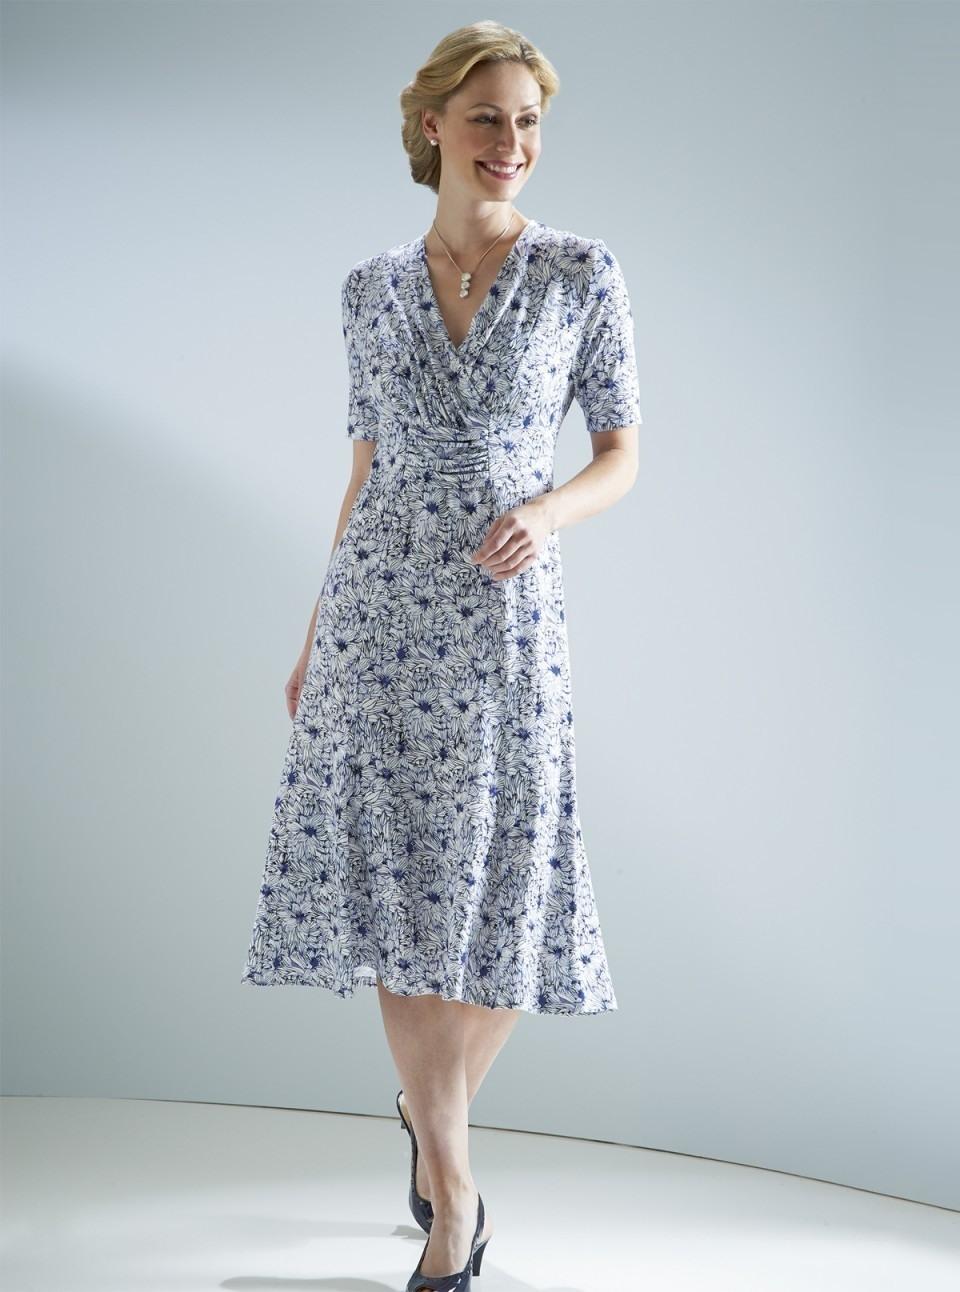 Abend Fantastisch Kleider Für Anlass Boutique17 Leicht Kleider Für Anlass Galerie